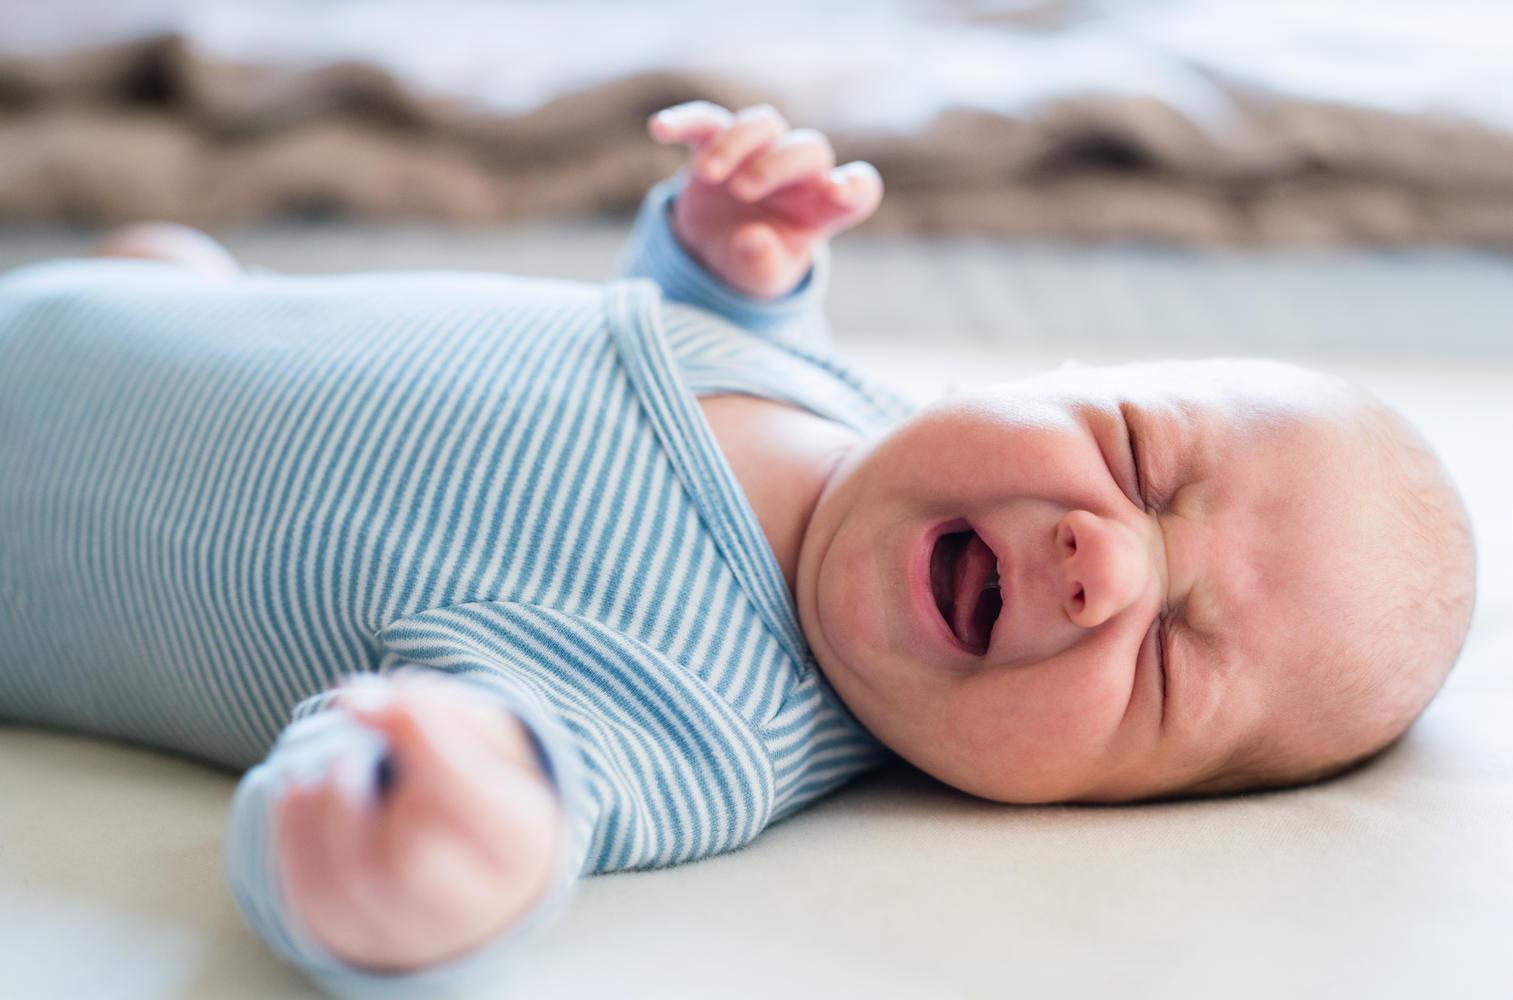 Обвинительное заключение: мать и отчим сломали младенцу ногу и кусали до крови